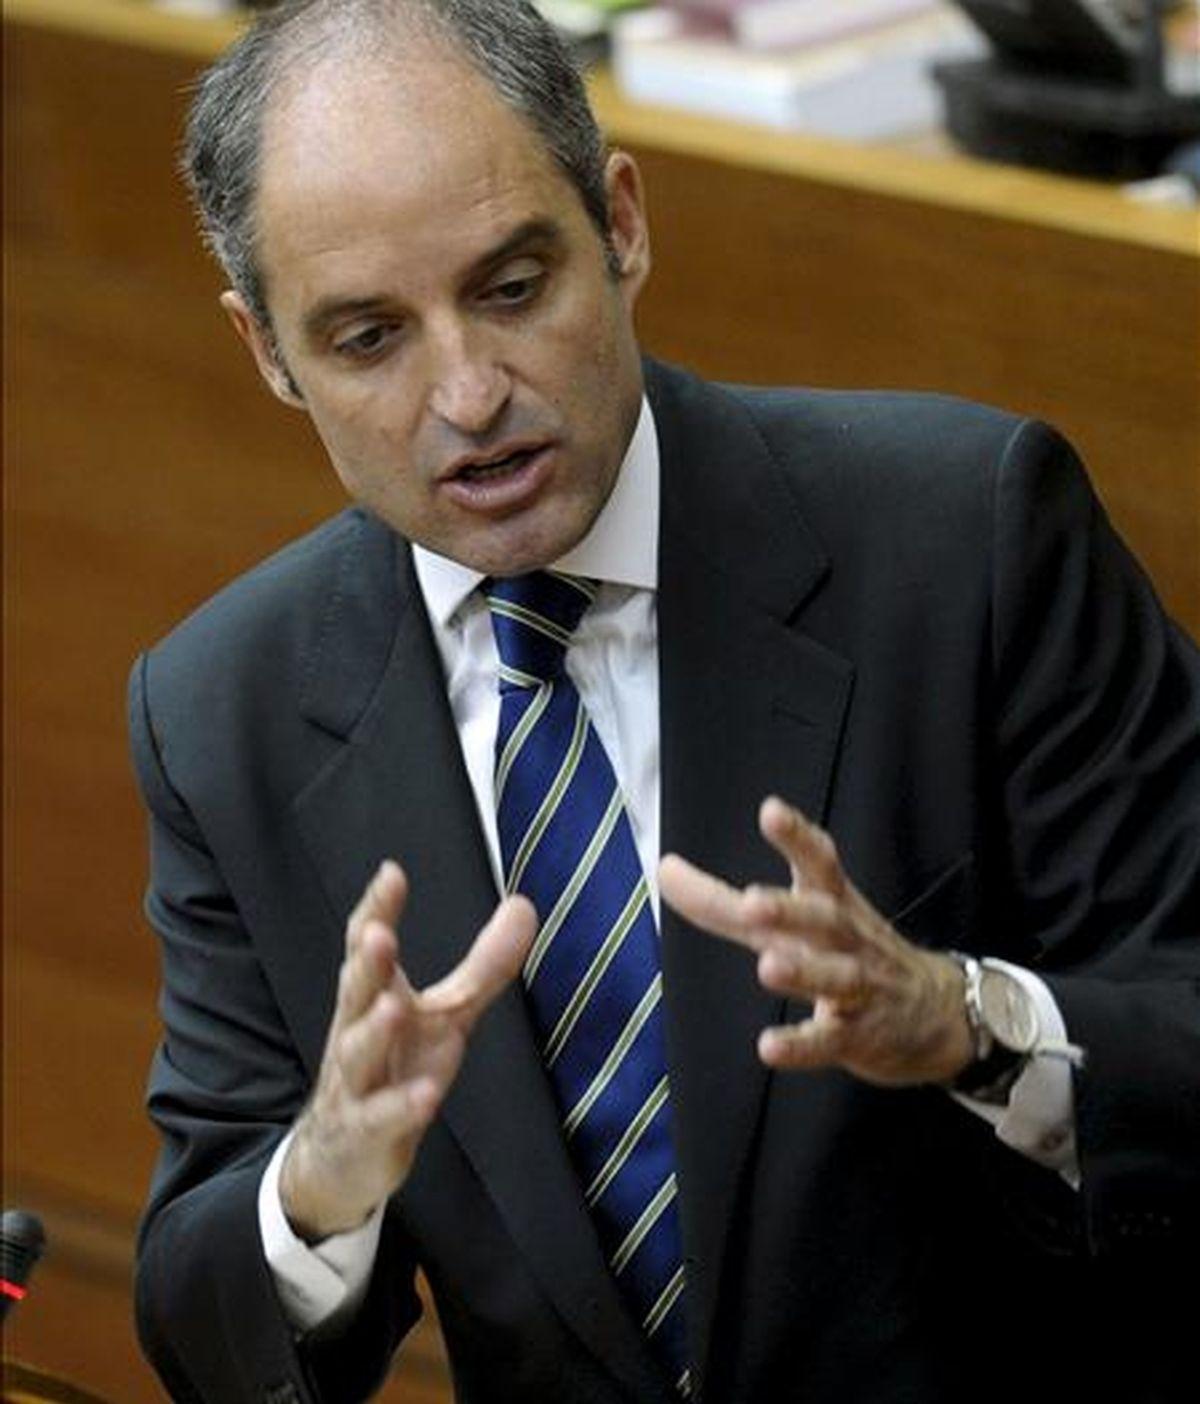 El president de la Generalitat, Francisco Camps, responde en el pleno de Les Corts Valencianes a las preguntas de la oposición sobre las repercusiones del caso Gürtel en la gestión del Gobierno valenciano. EFE